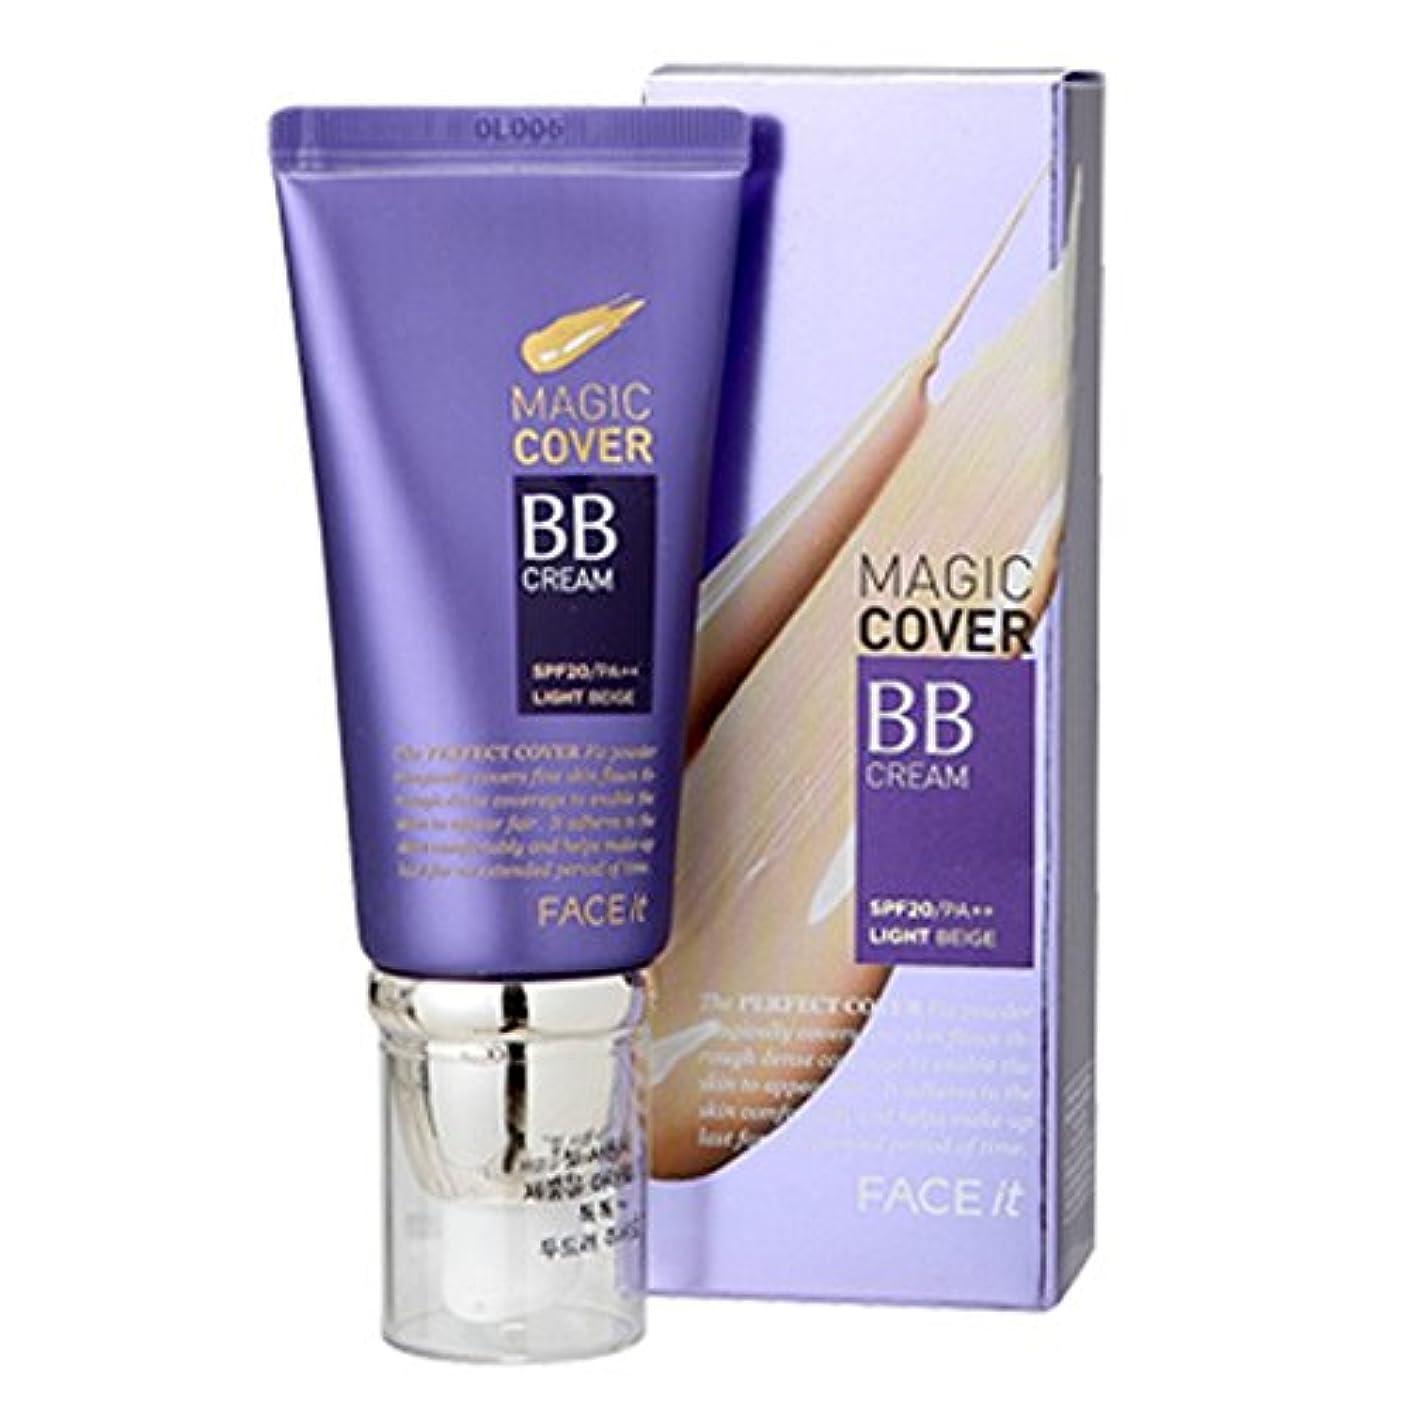 クリップ蝶艶のりザフェイスショップ The Face Shop Face It Magic Cover BB Cream 45ml (01 Light Beige)